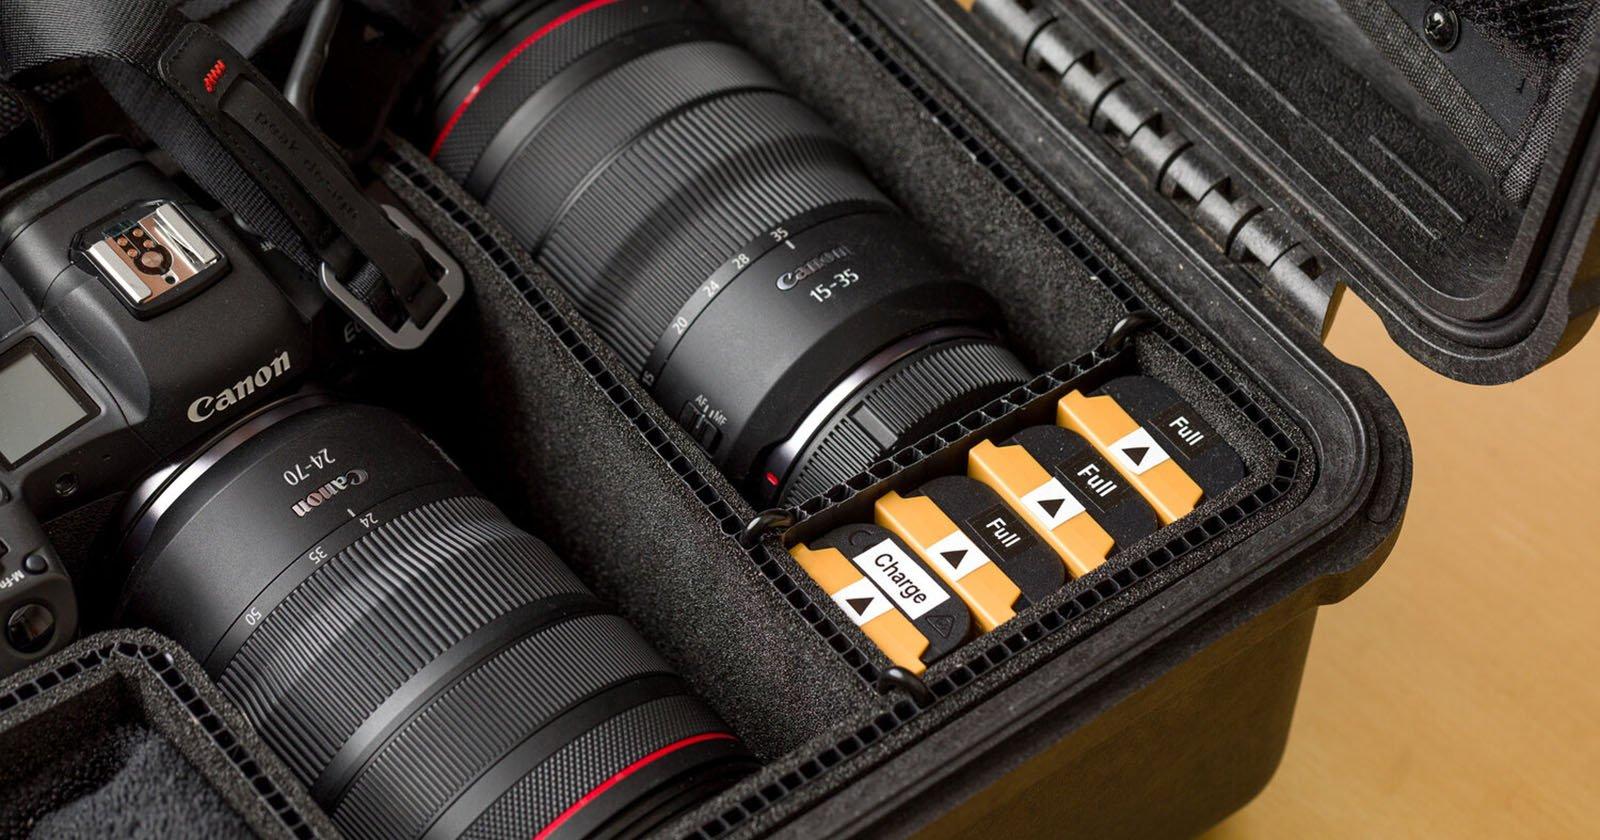 Una soluzione fai-da-te per monitorare la carica delle batterie della fotocamera